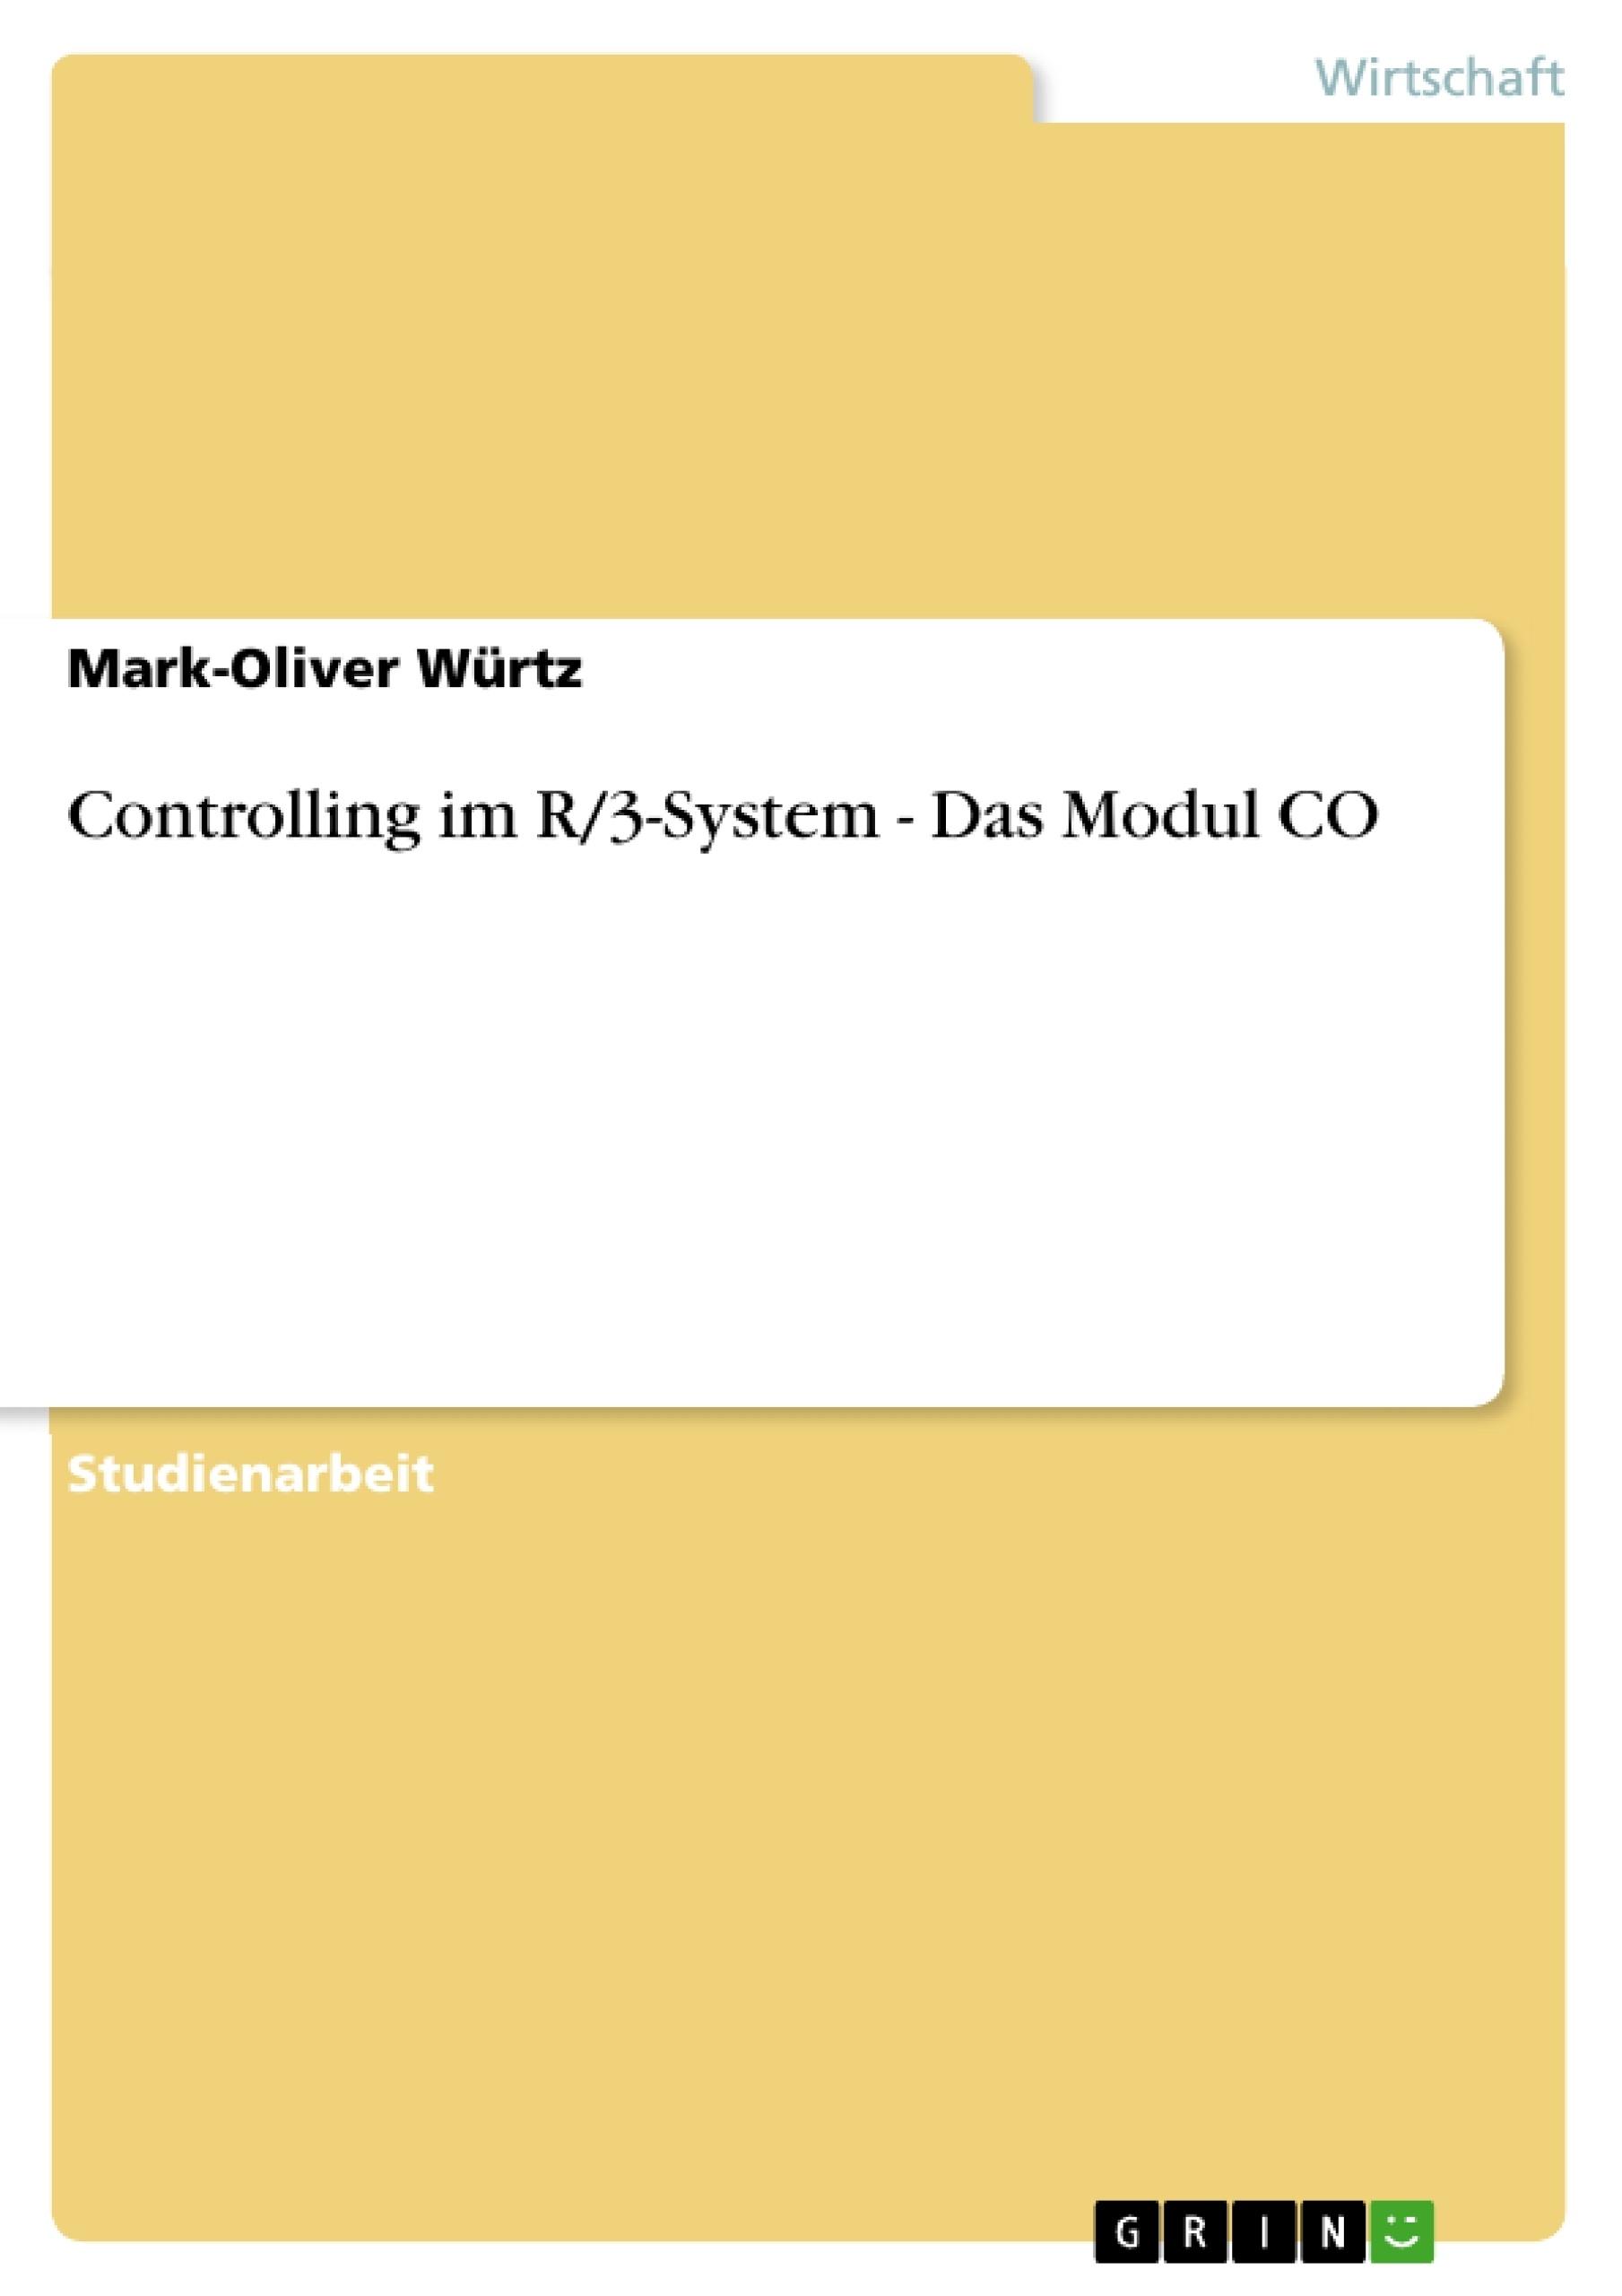 Titel: Controlling im R/3-System - Das Modul CO